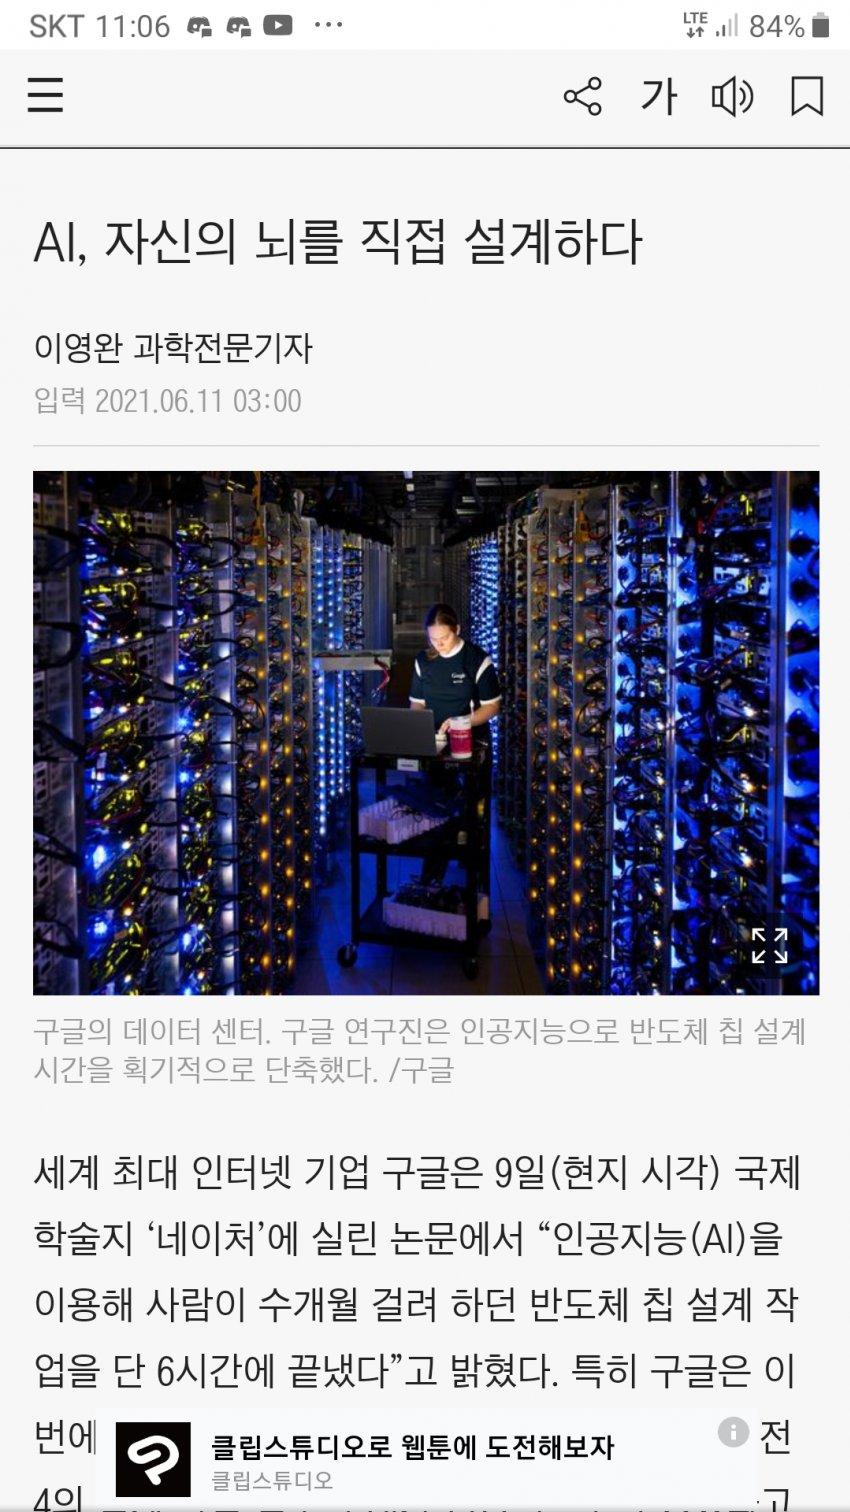 viewimage.php?id=3eb4de21e9d73ab360b8dab04785736f&no=24b0d769e1d32ca73dec8efa11d02831b210072811d995369f4ff39c9cd34d831d3facd11dc7f4270b20c431700c45cbe2d40613557e08f849297ede6ae6470c9919c59cc13a4c005a424f1fff06e08f770c75f43d6d334fe41cf63f3204db1380221141657ff777d26c95971e